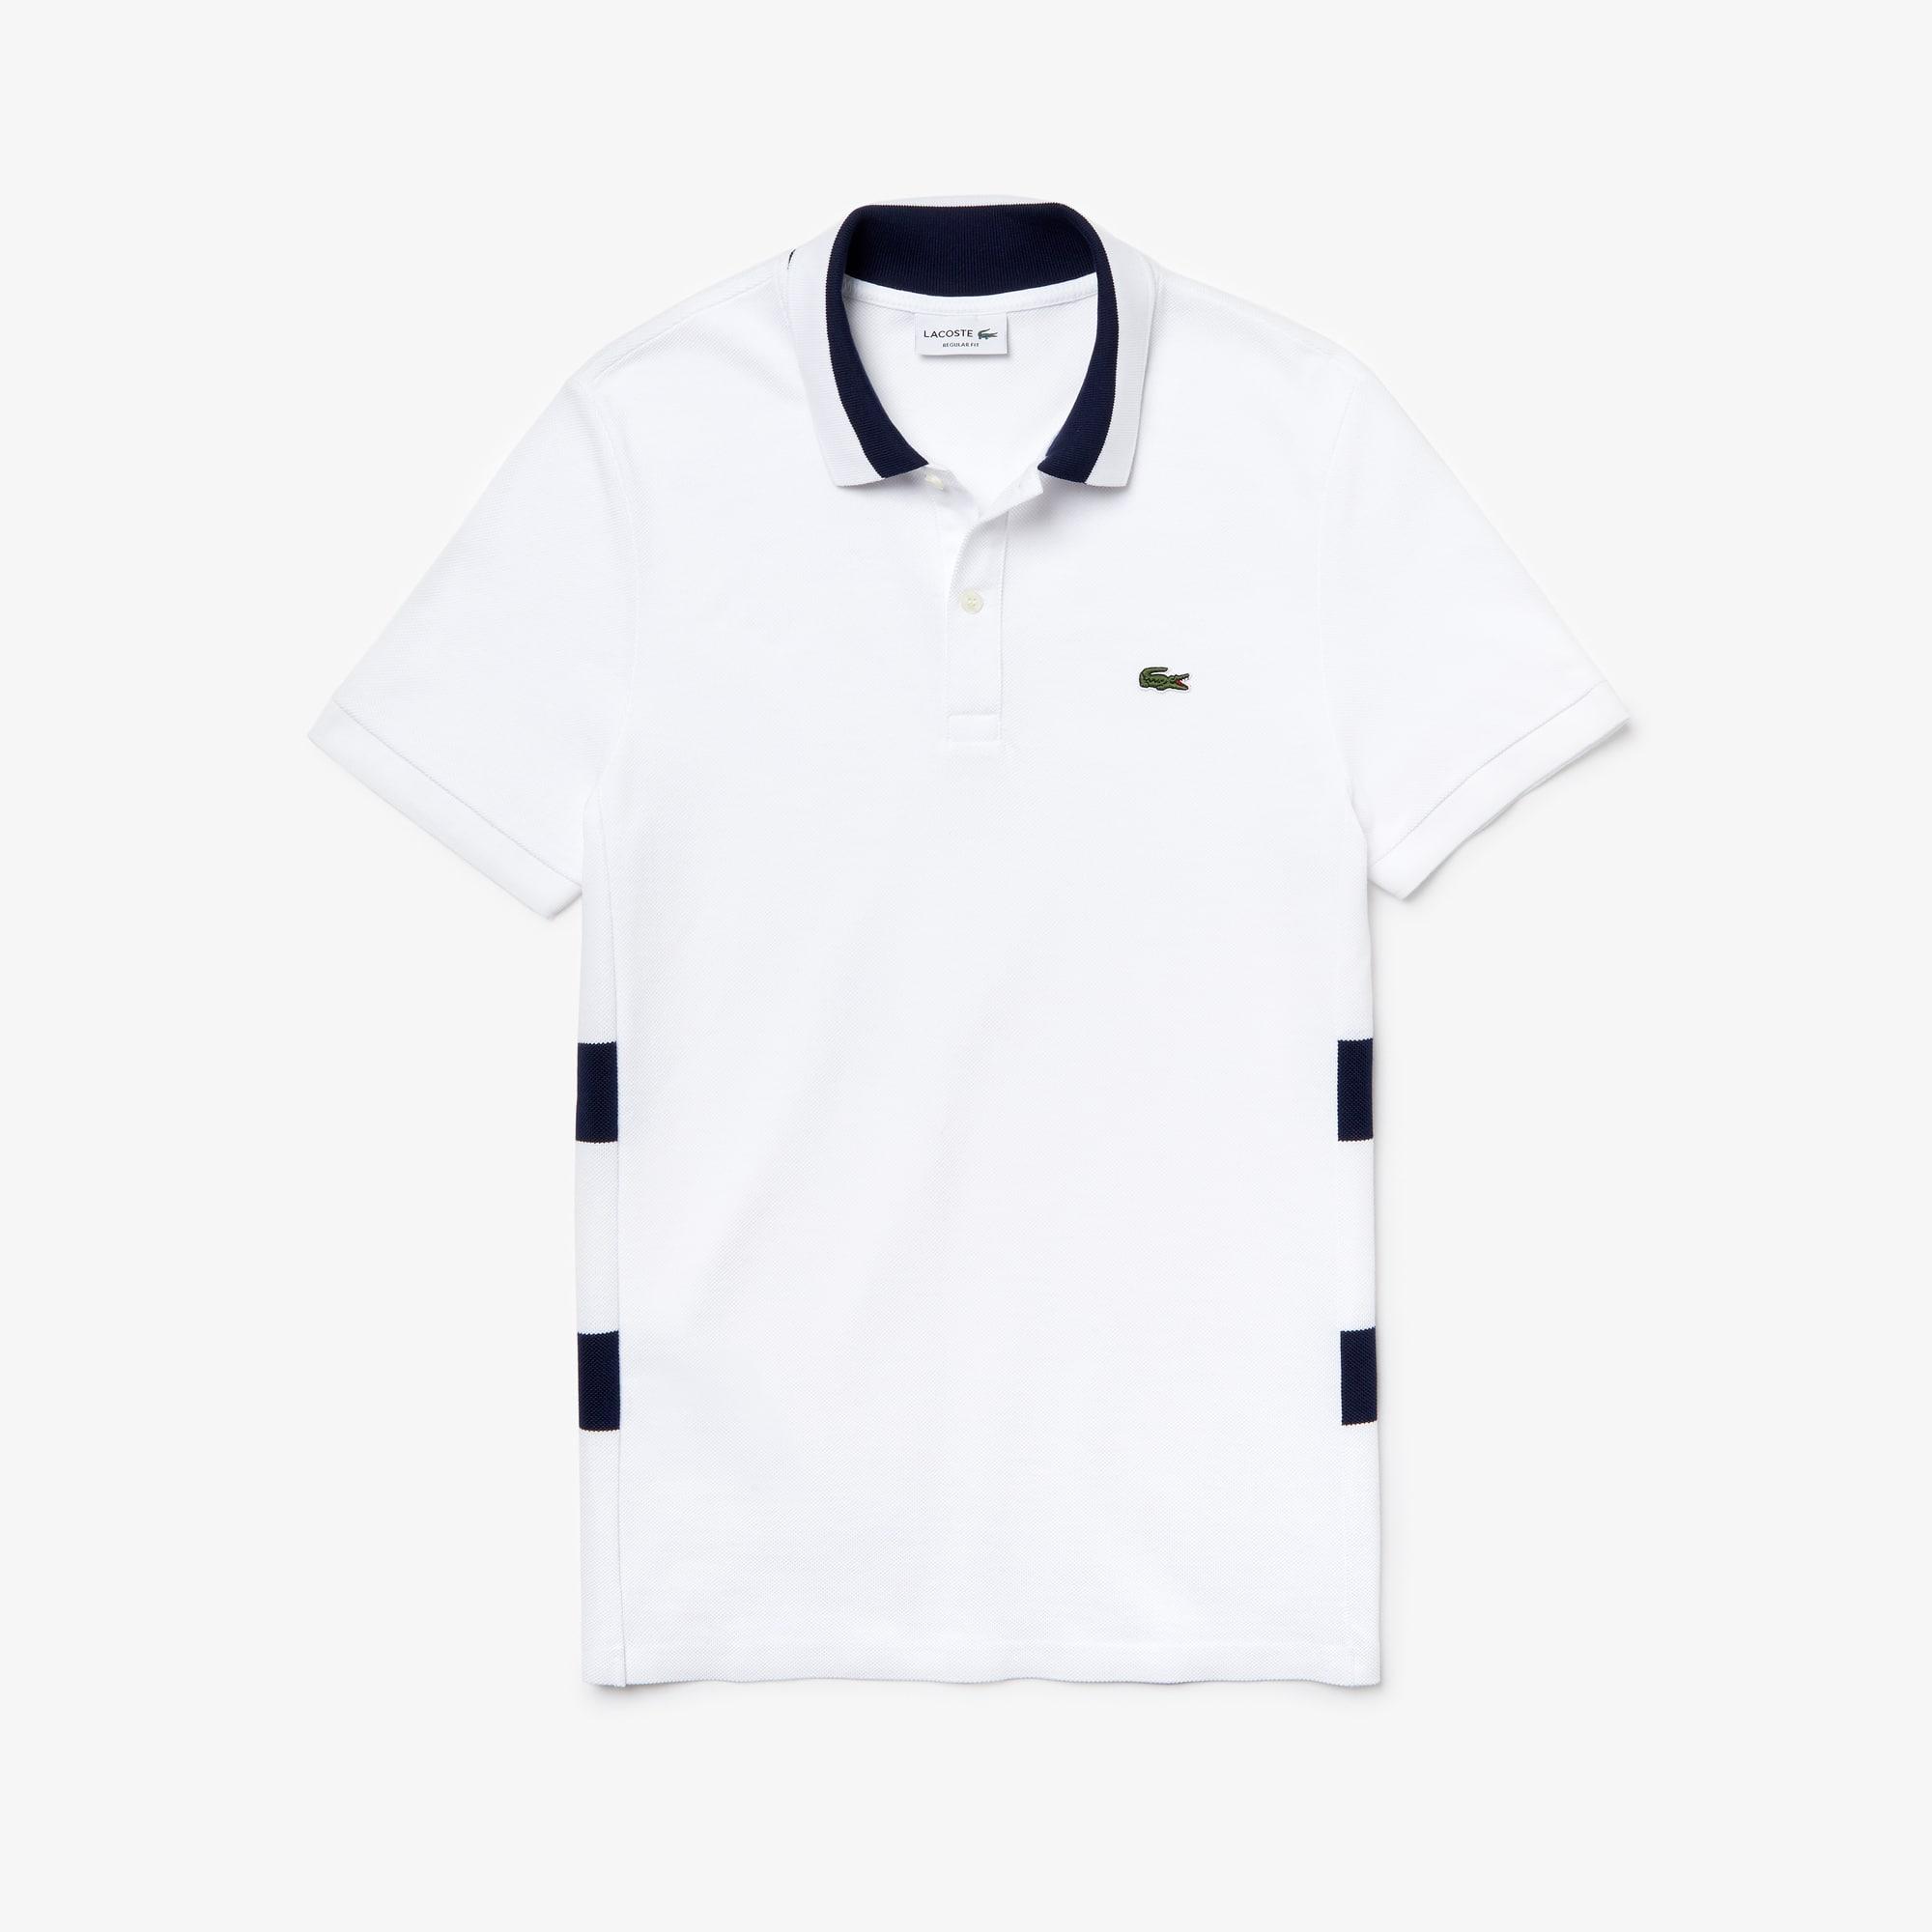 online store 58319 e5969 Herren LACOSTE Regular Fit Poloshirt aus Baumwoll-Piqué